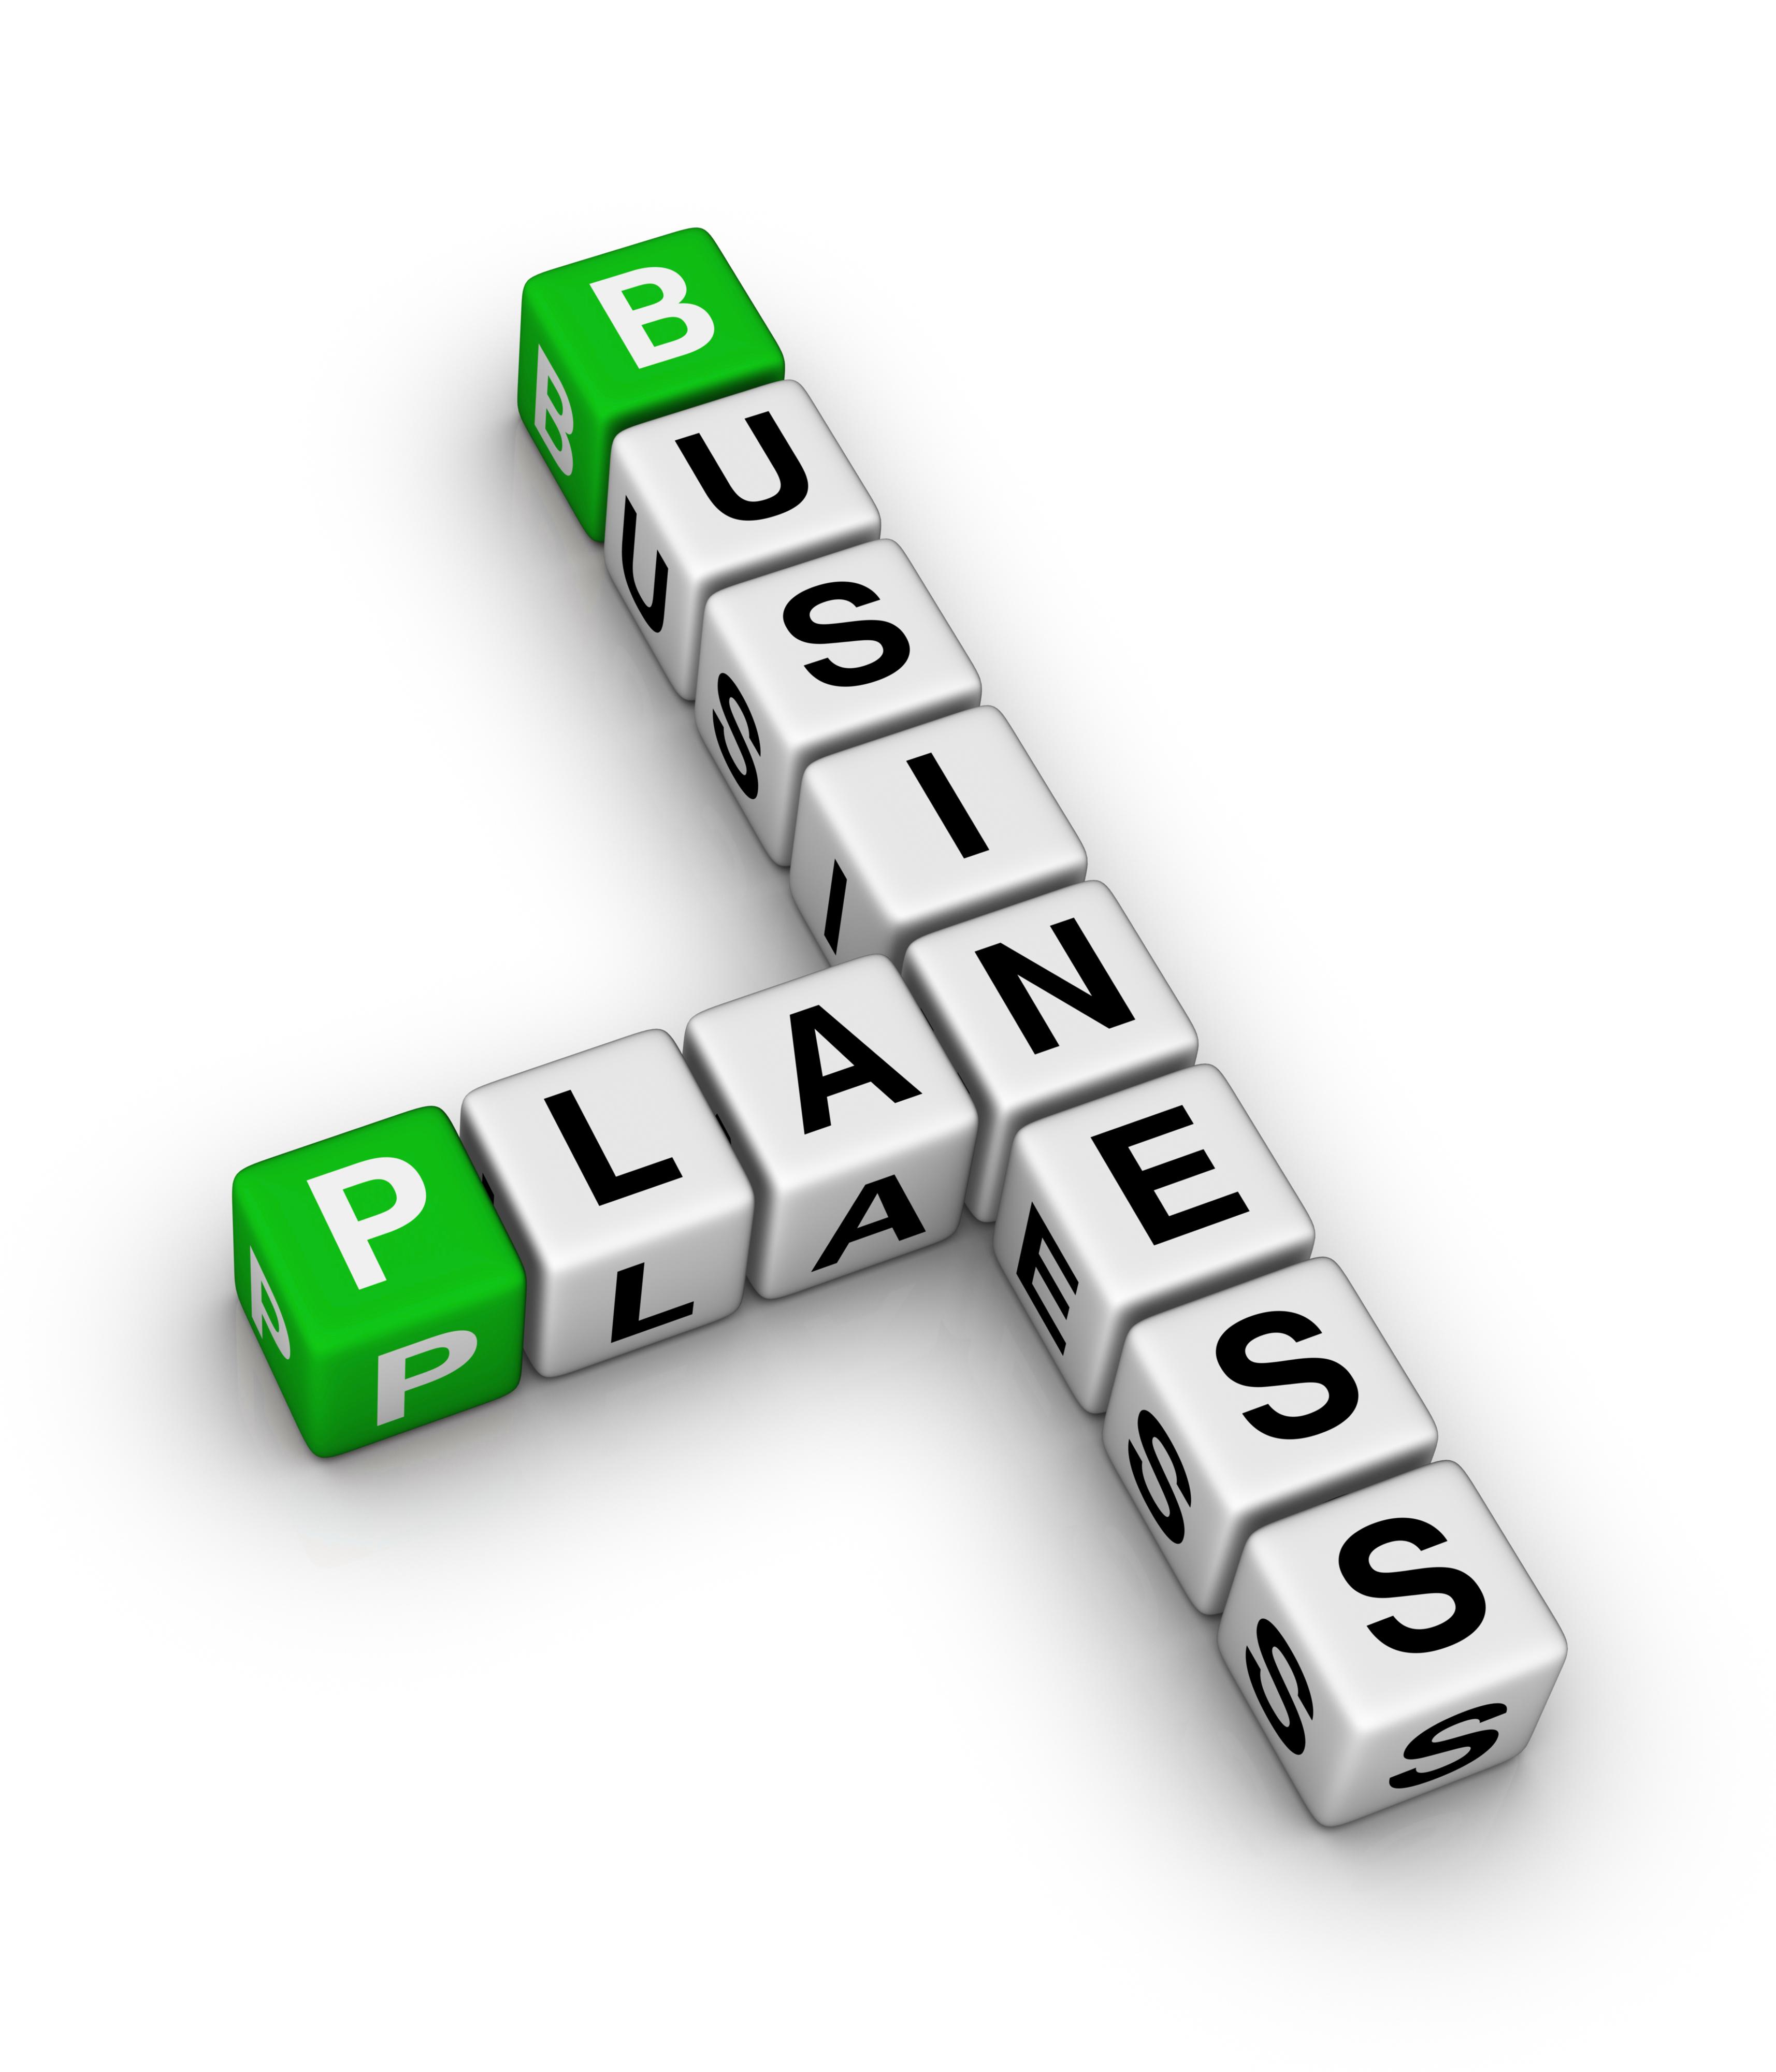 vinotech solutions llc business plan